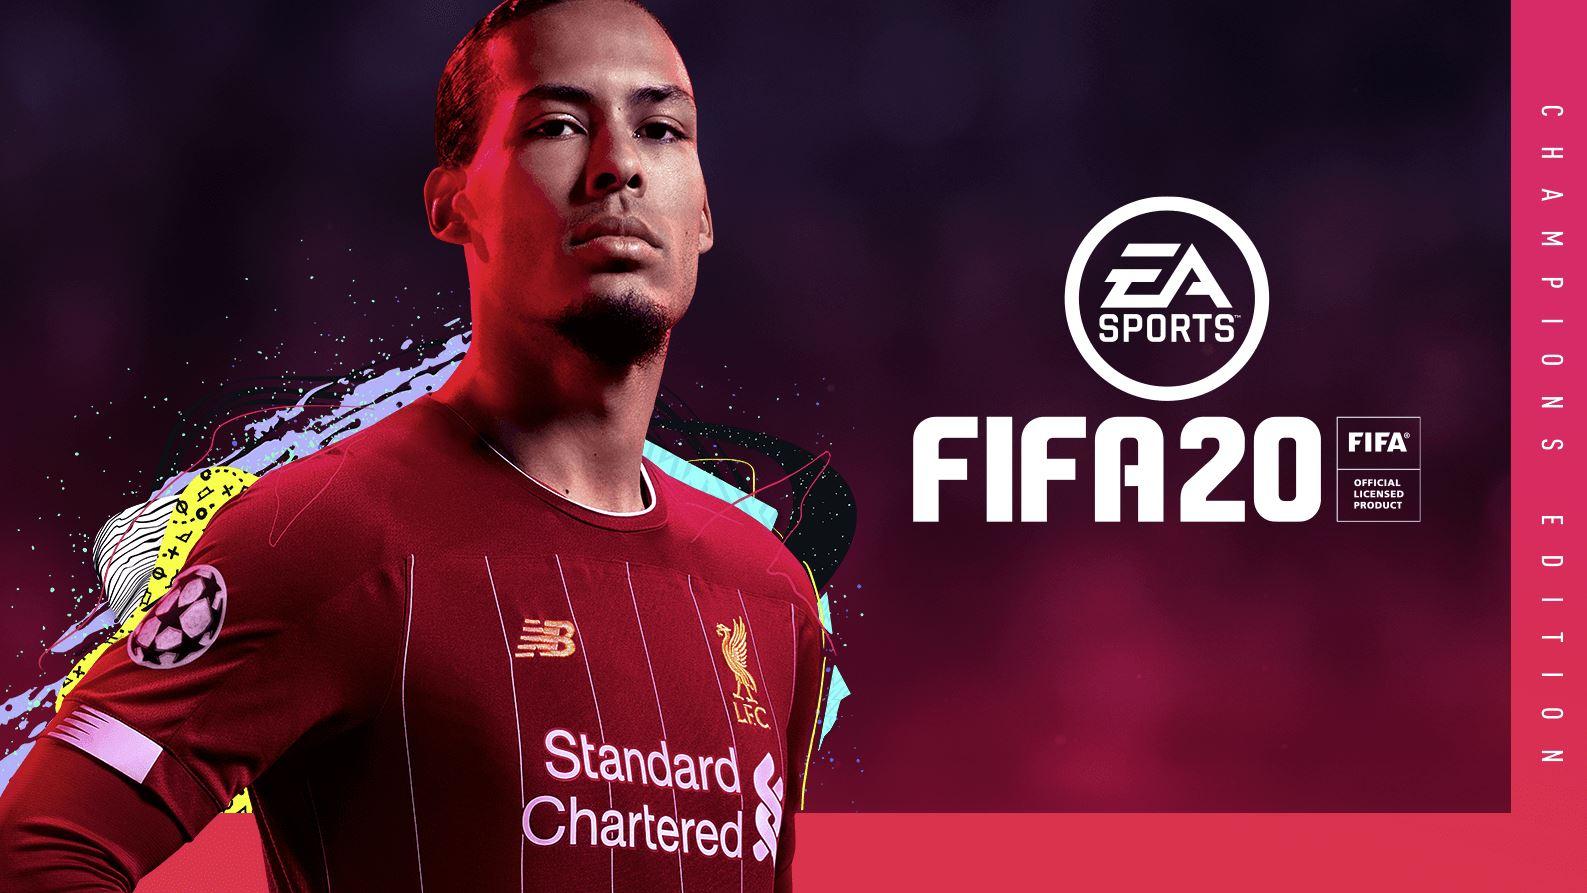 fifa 20 companion app download